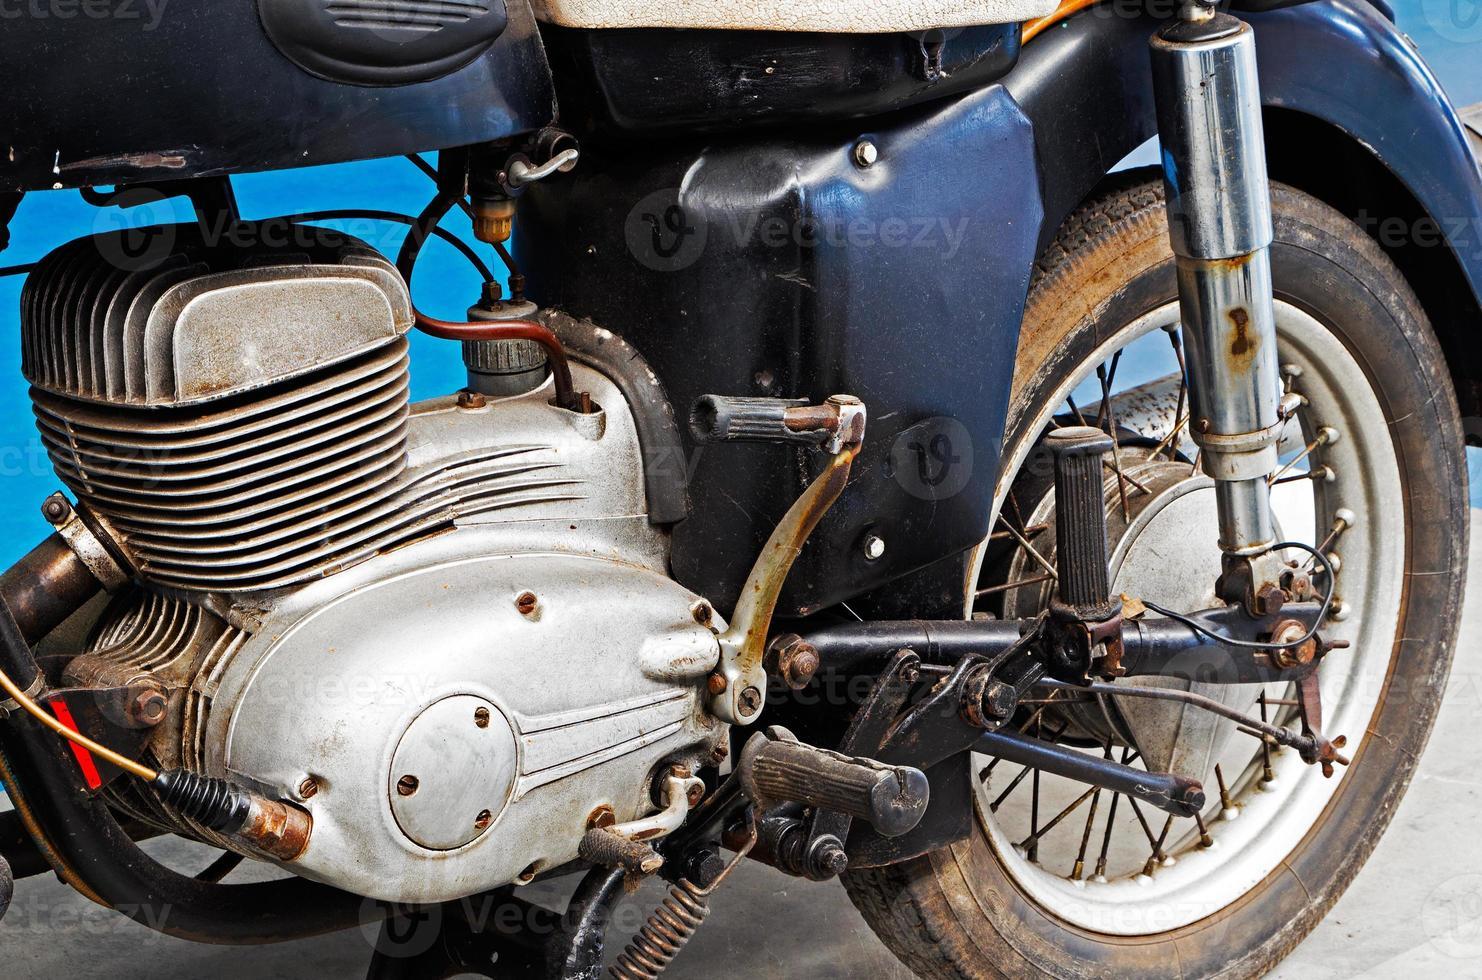 frammento di una vecchia motocicletta arrugginita foto